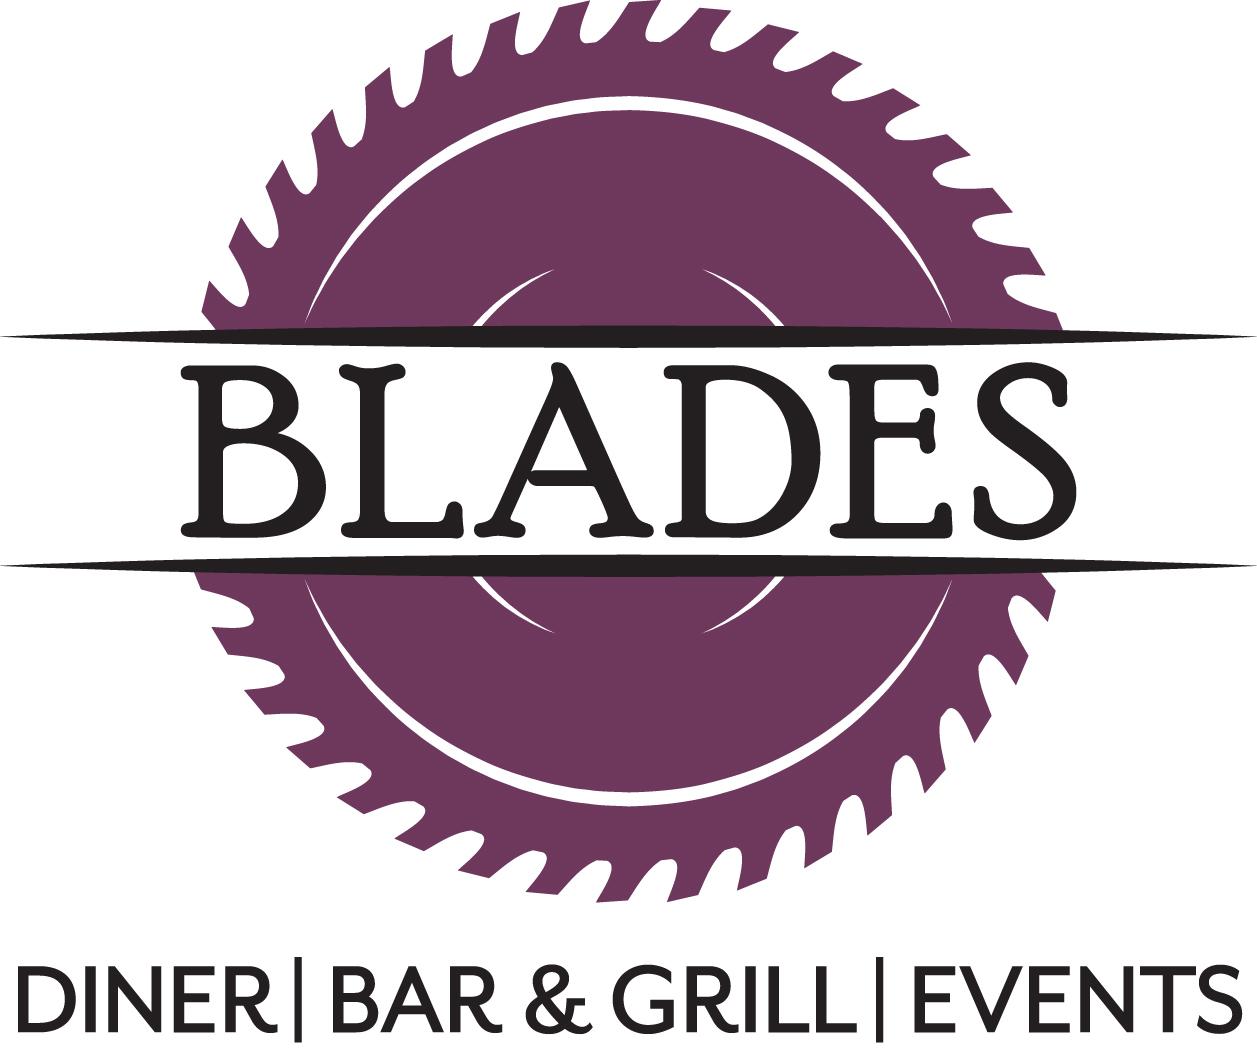 Blades Bar & Grill logo